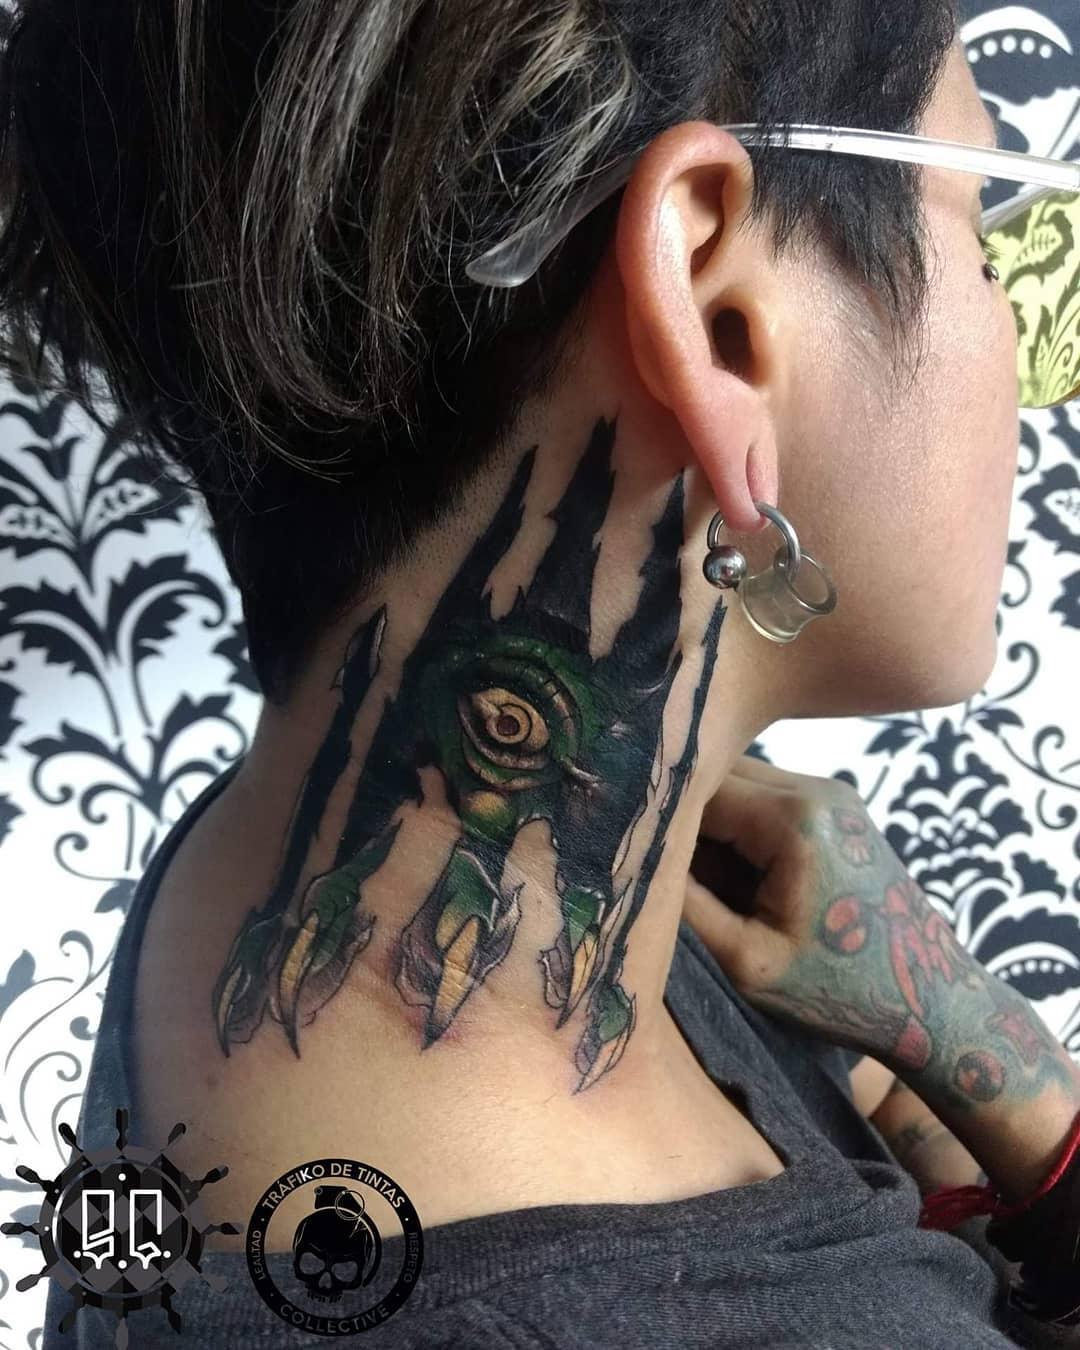 gaviria tattoo 57218119 133774504445218 3242699455794027551 n - 30 татуировок, которые стали украшением на шее у своих владельцев